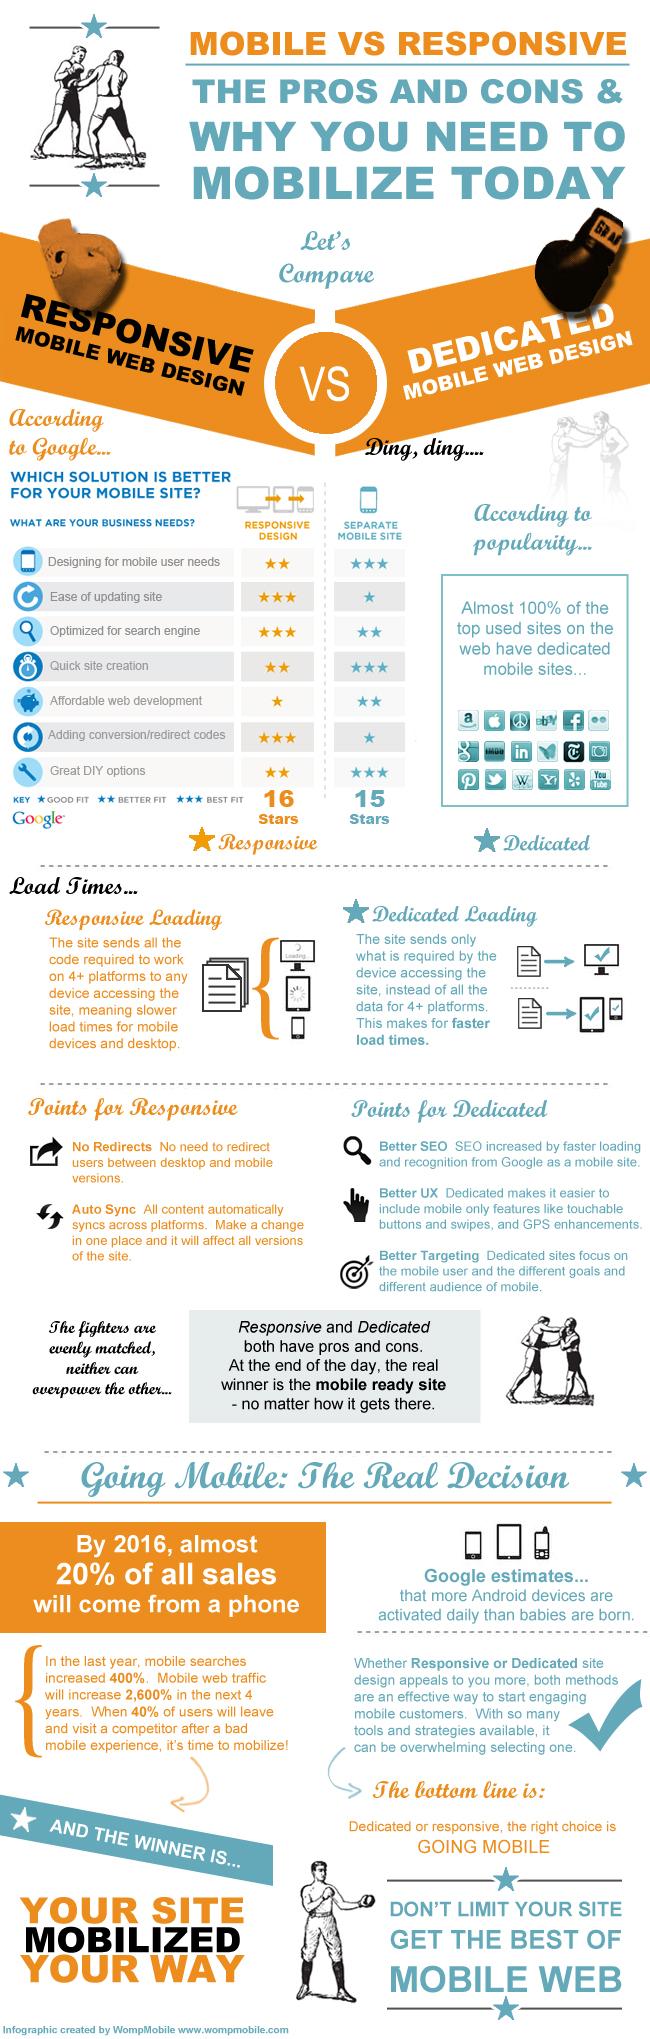 mobile-vs-responsive_51e8472fabbaa